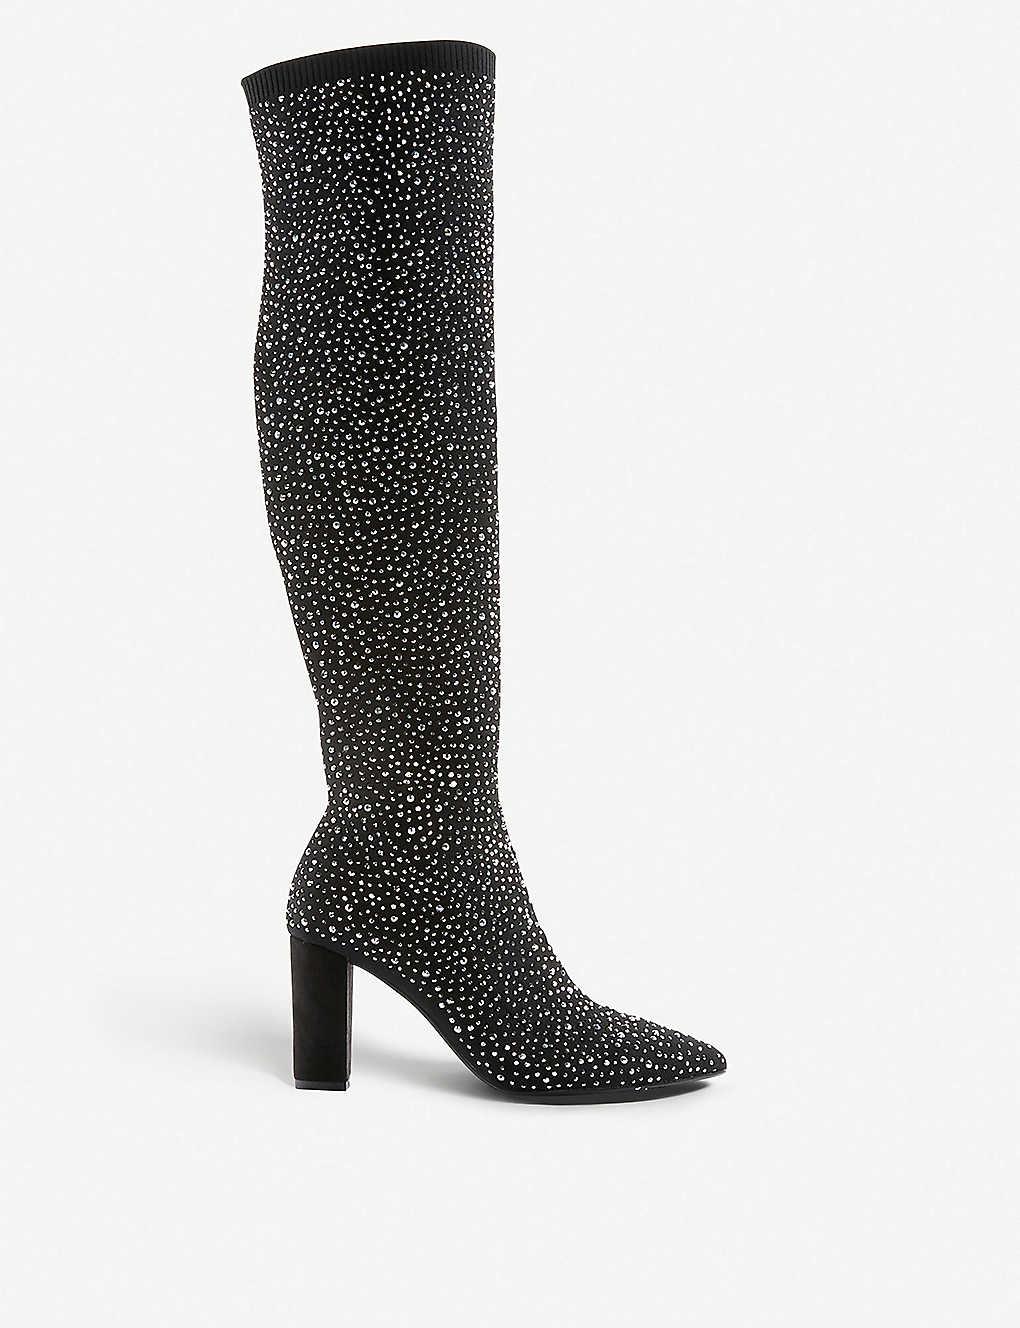 6efc2b0c91 DUNE - Socialite crystal-embellished knee-high boots | Selfridges.com